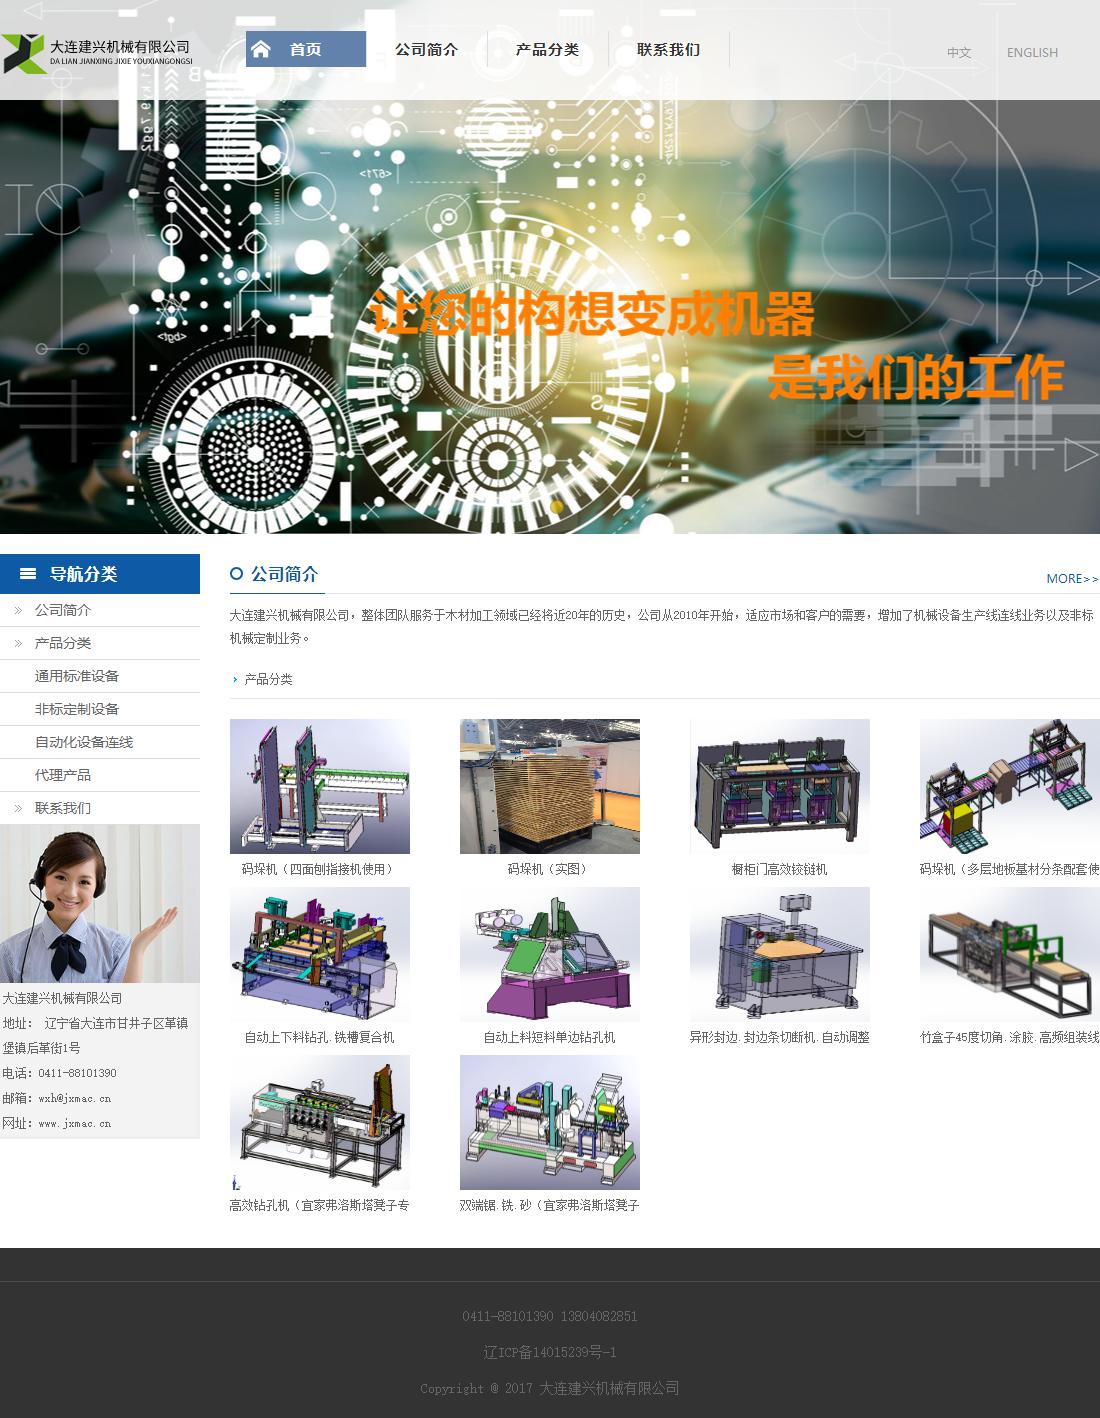 大连建兴机械有限公司网站案例